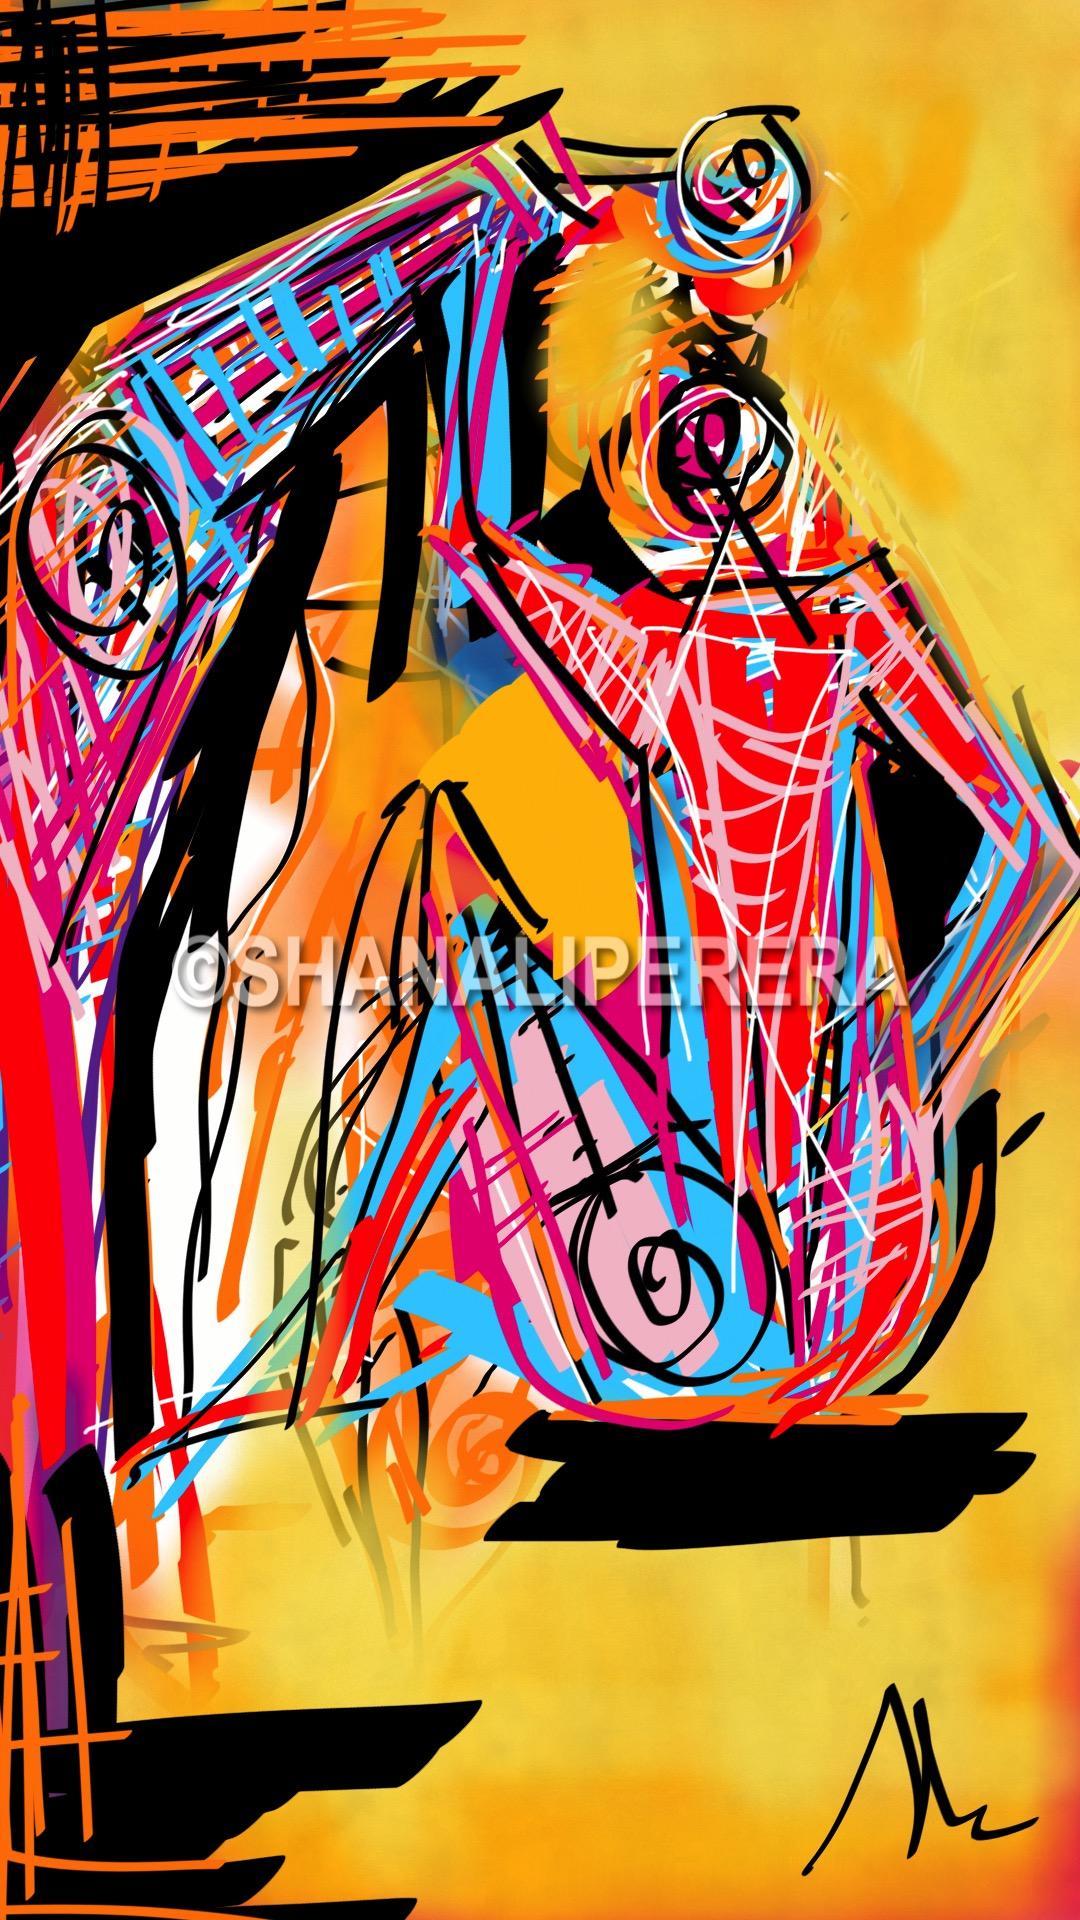 sketch-1481447768750-1.jpg